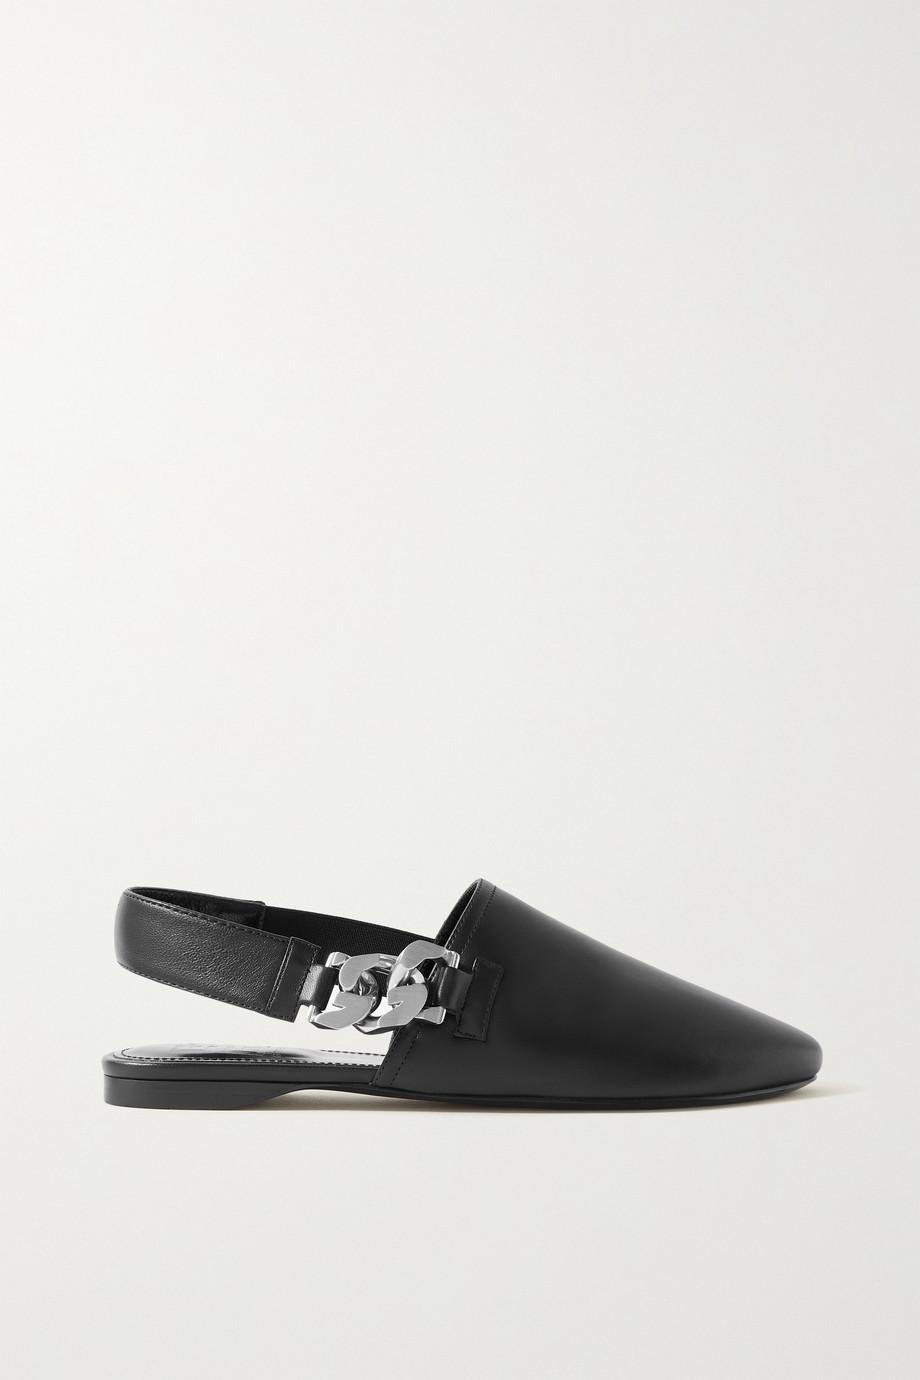 Givenchy Chaussures plates à brides en cuir à chaînes